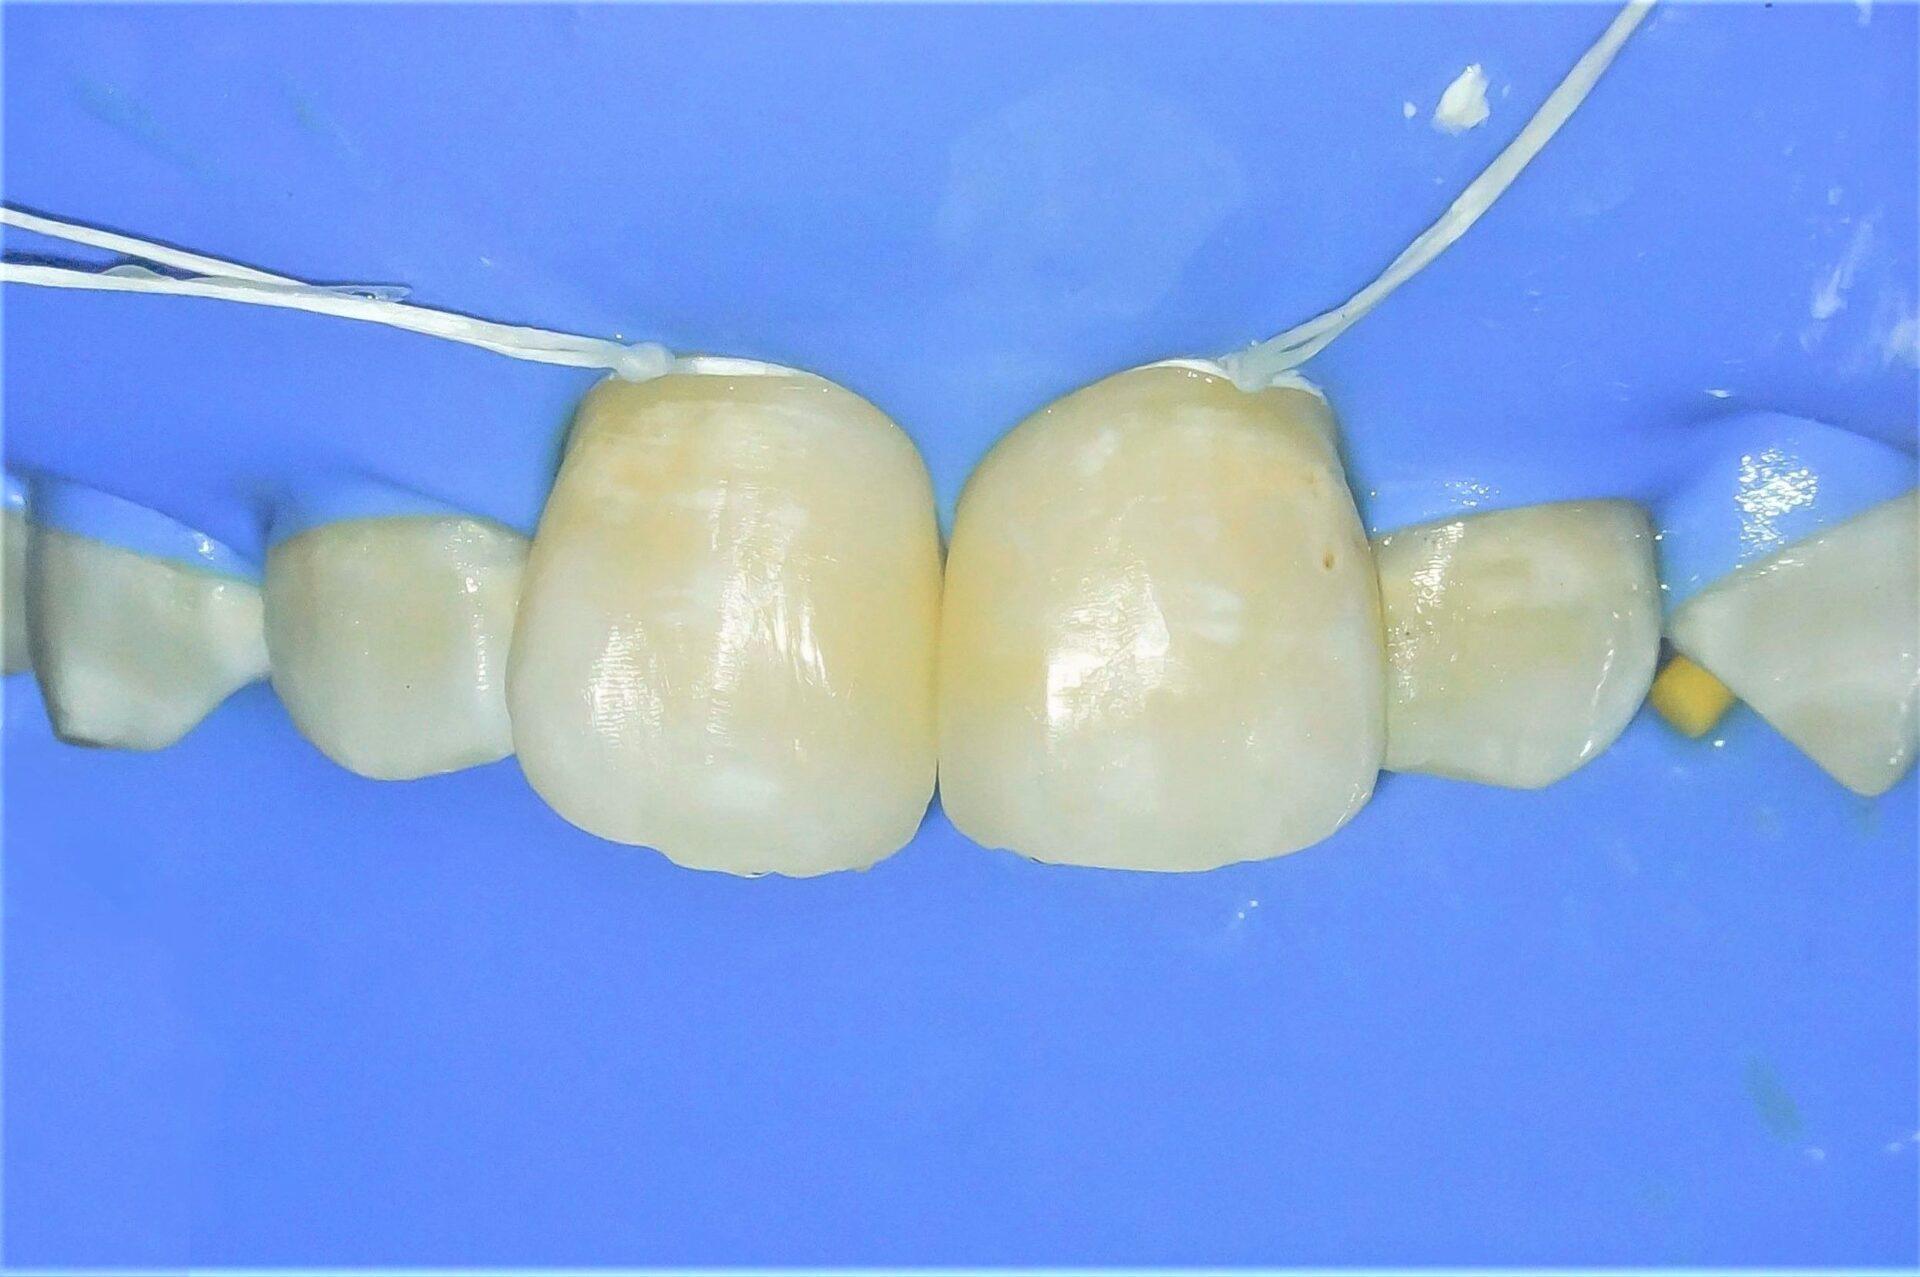 【症例】ホワイトニング+すきっ歯治療 2治療方法03